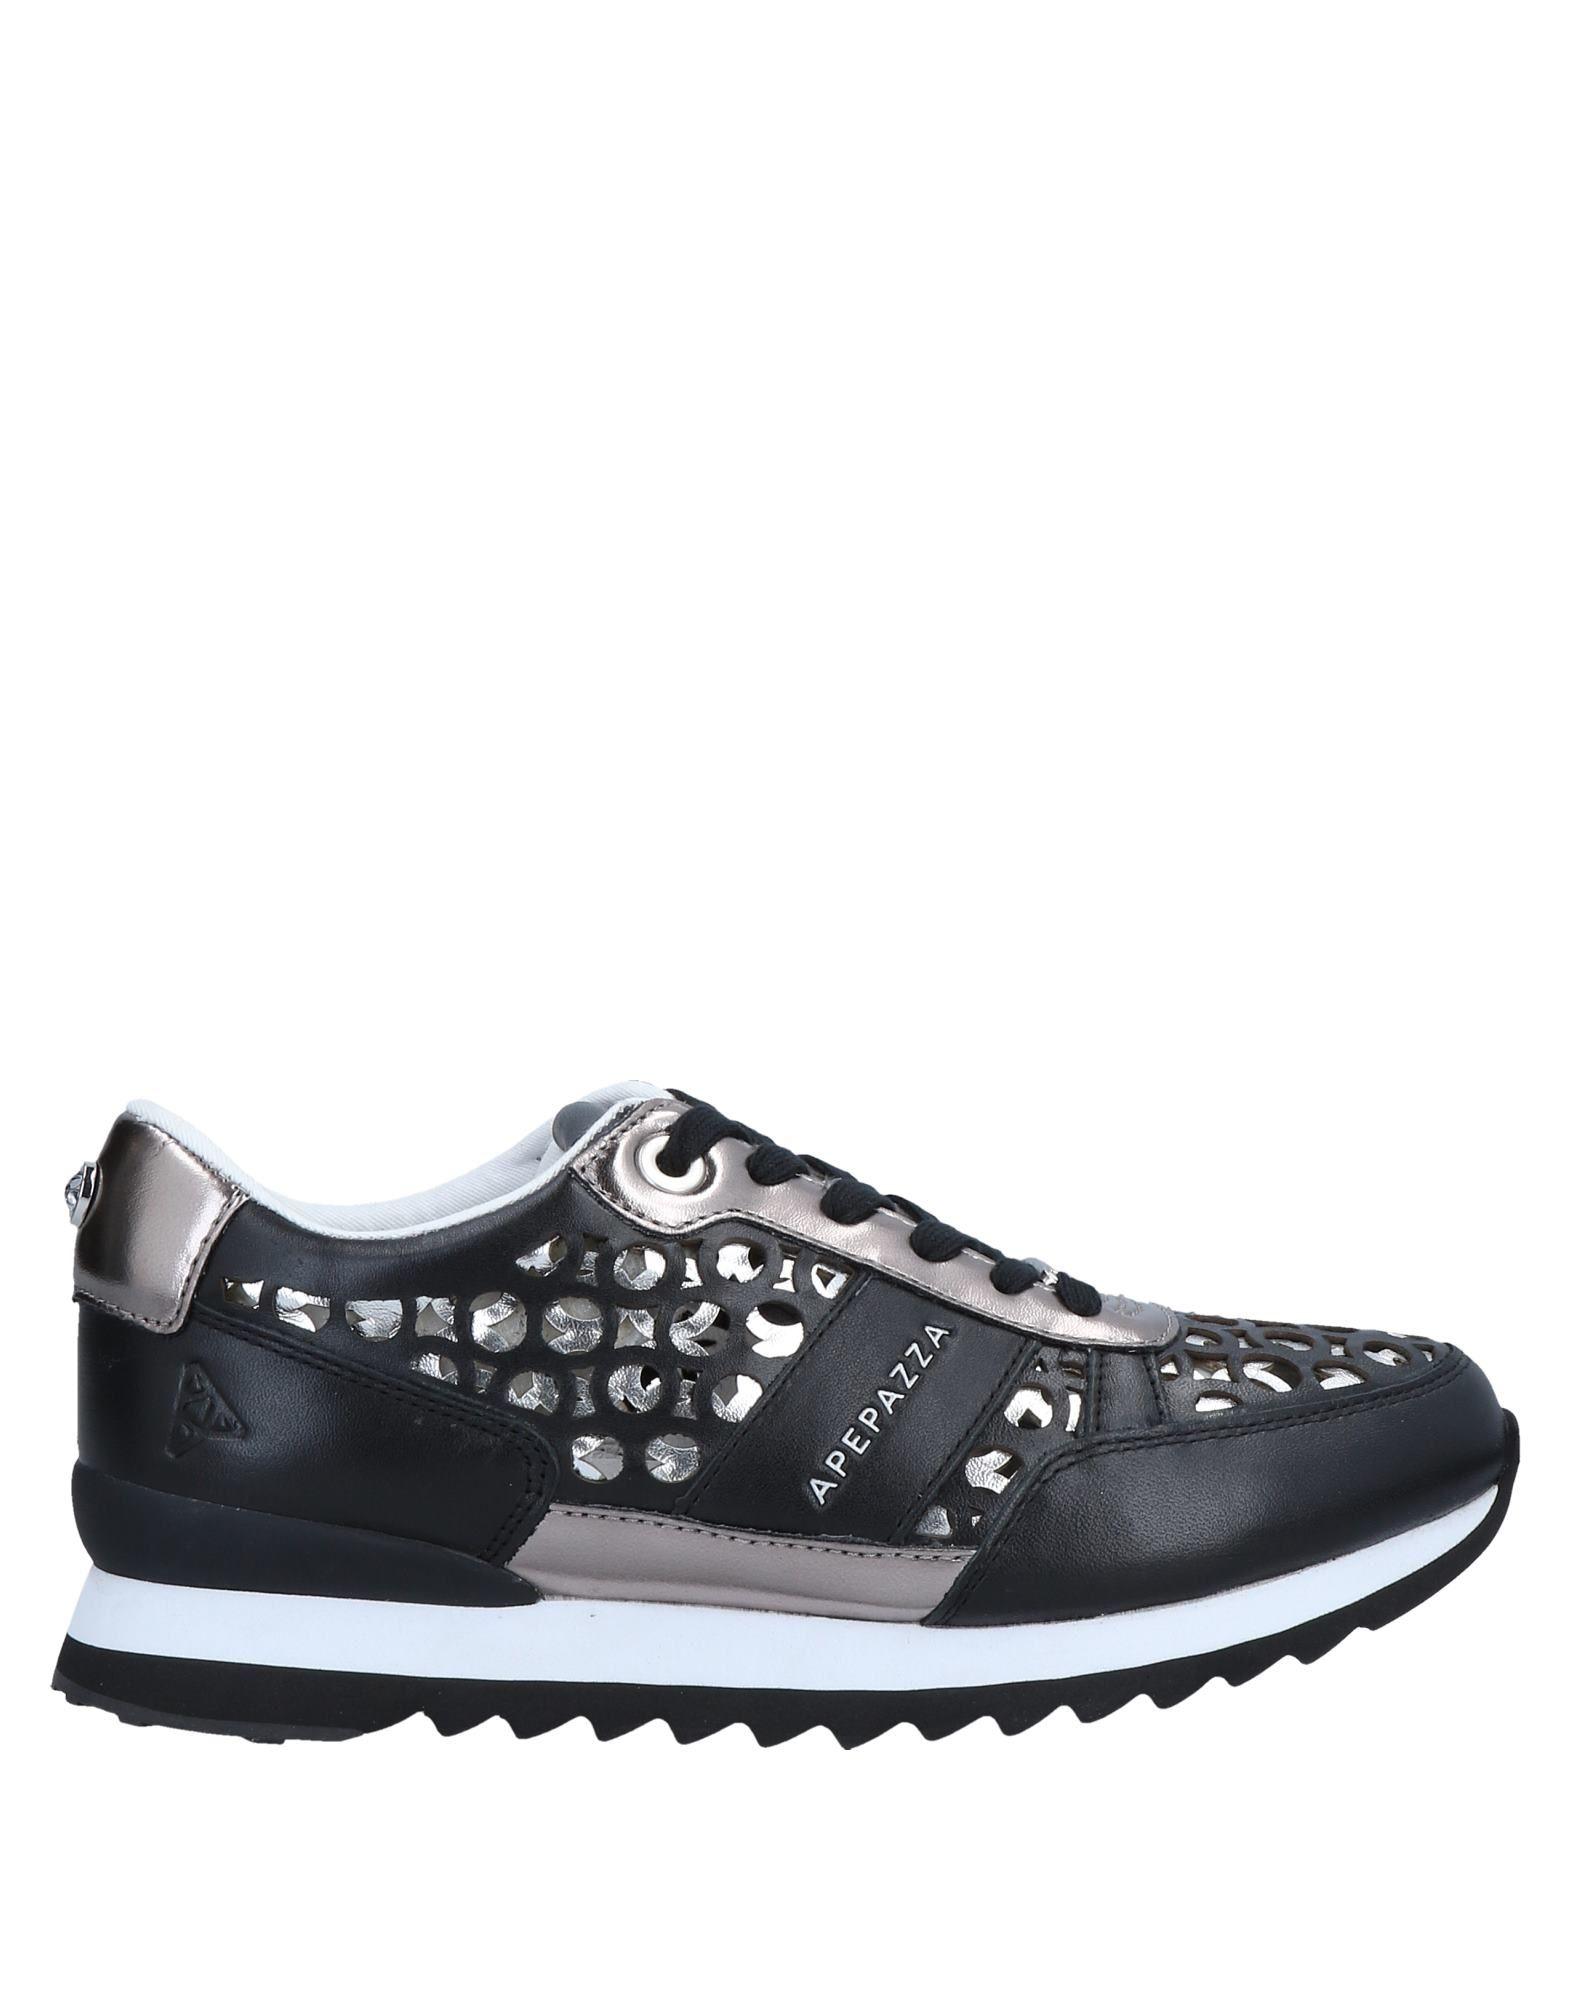 Zapatillas Apepazza Apepazza Zapatillas Mujer - Zapatillas Apepazza  Negro a59ecf